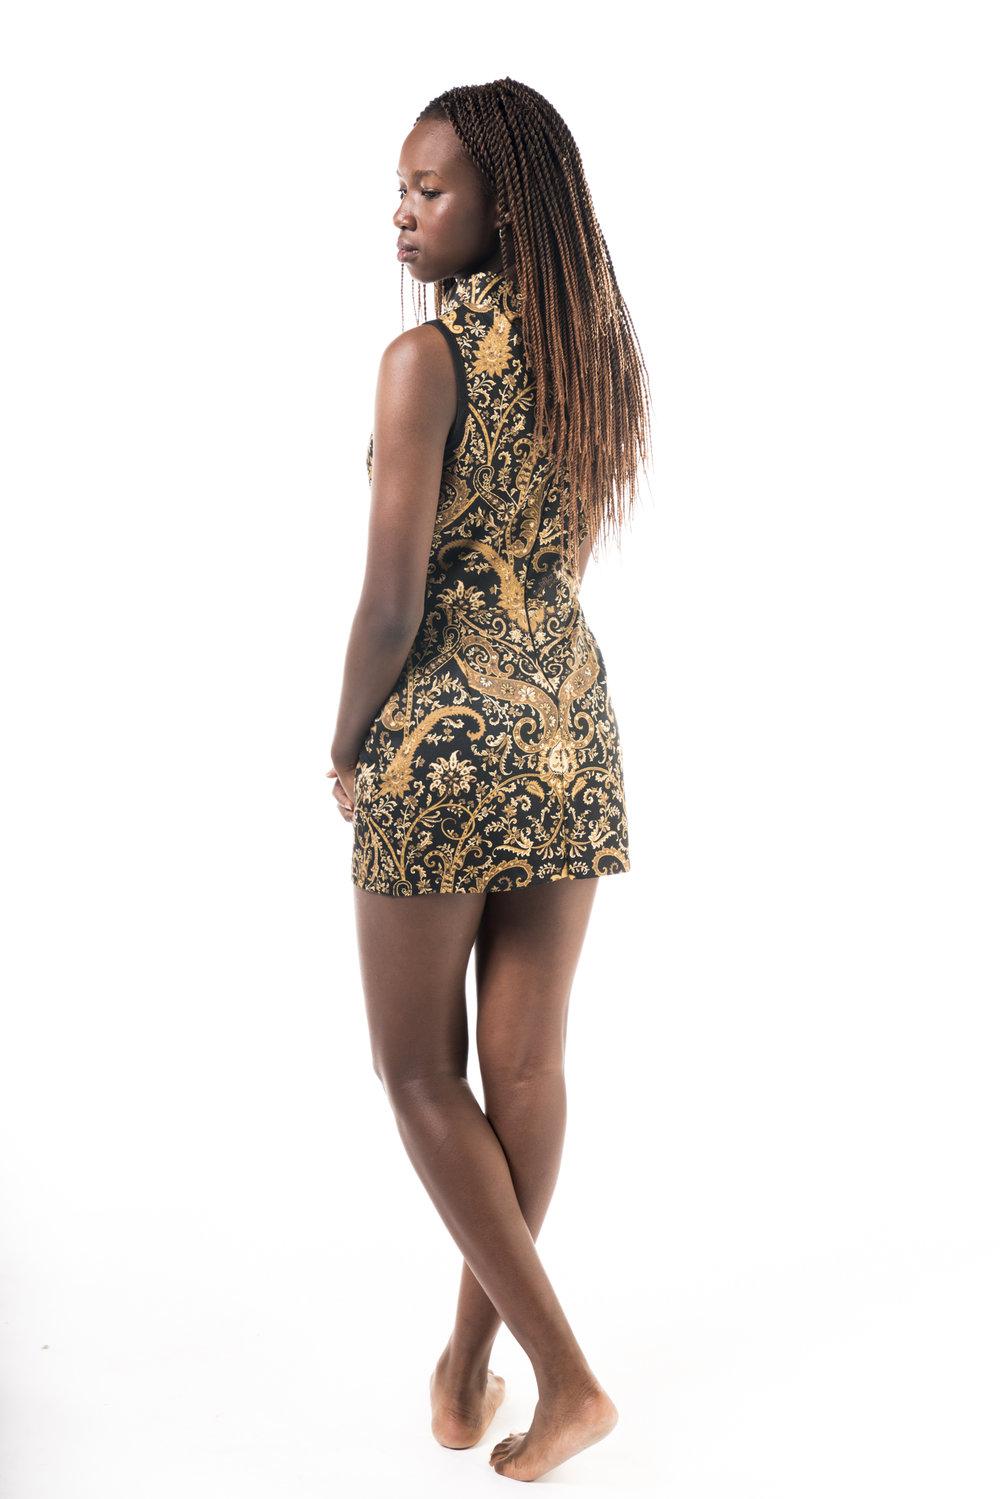 Dubay_Fashion_MinaSmithHodzik_WEB (50 of 89).jpg